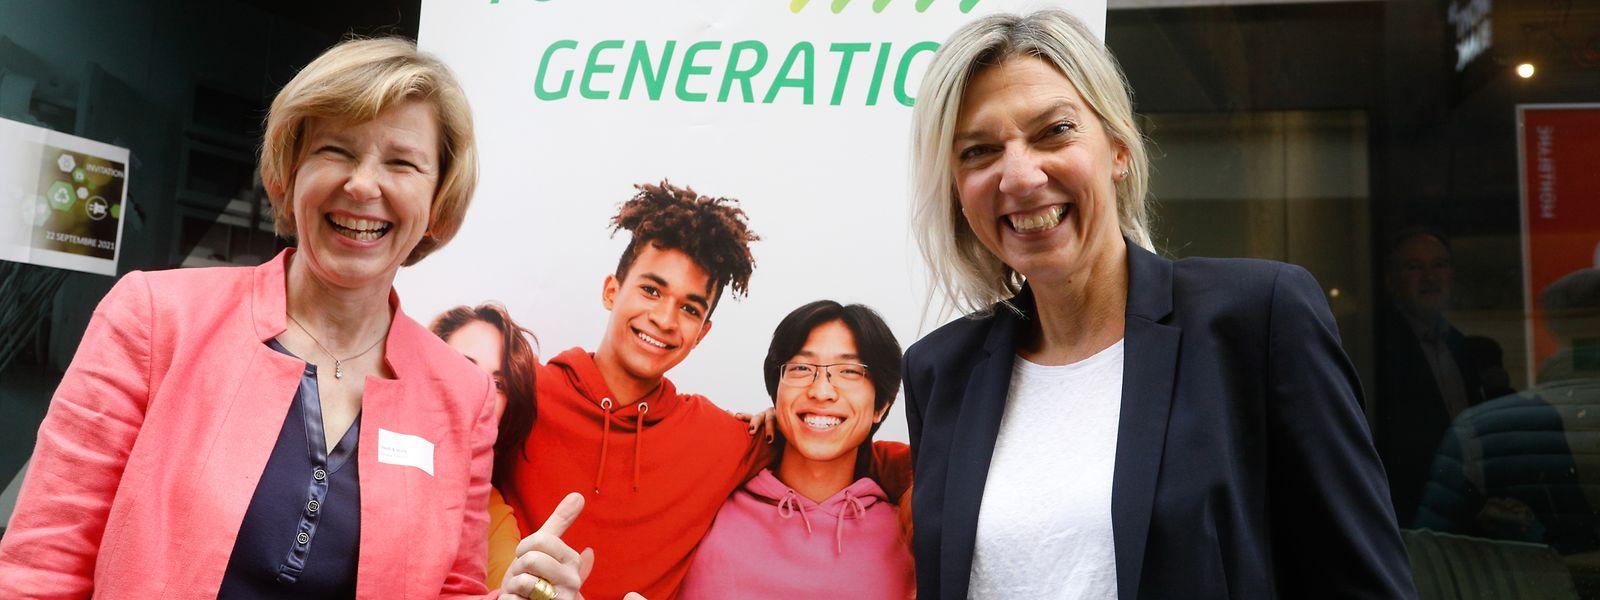 Ariane Toepfer (links) und Kristina Nincevic unterstützen Jugendliche auf dem Weg in die Arbeitswelt.